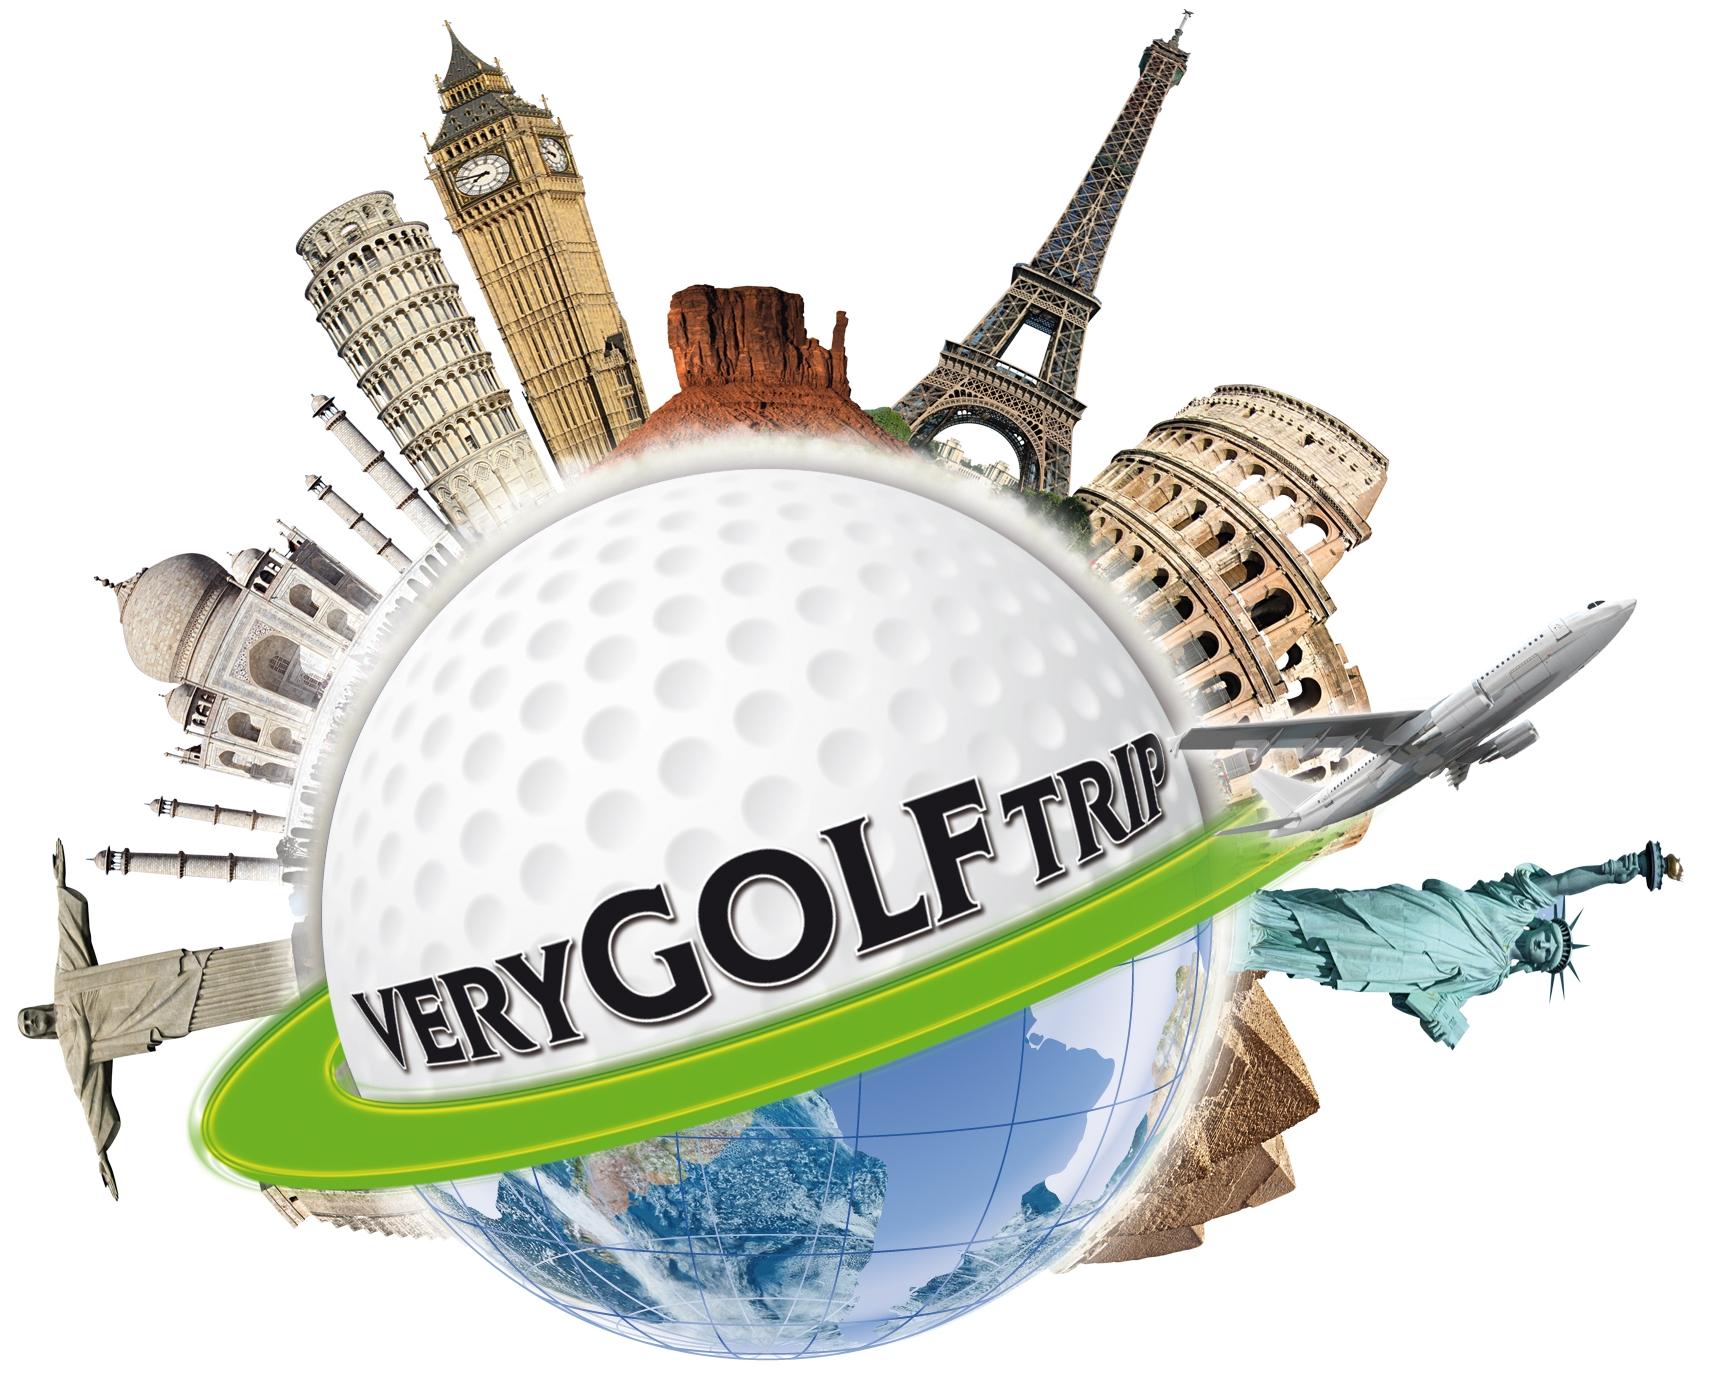 27 AVRIL 2019Golf de la WantzenauMonsieur Golf Tour - Challenge sur lui seul Trou (Trou 12)Doration : Voyage à L'ile Maurice (ANAHITA)PAS DE GAGNANT.